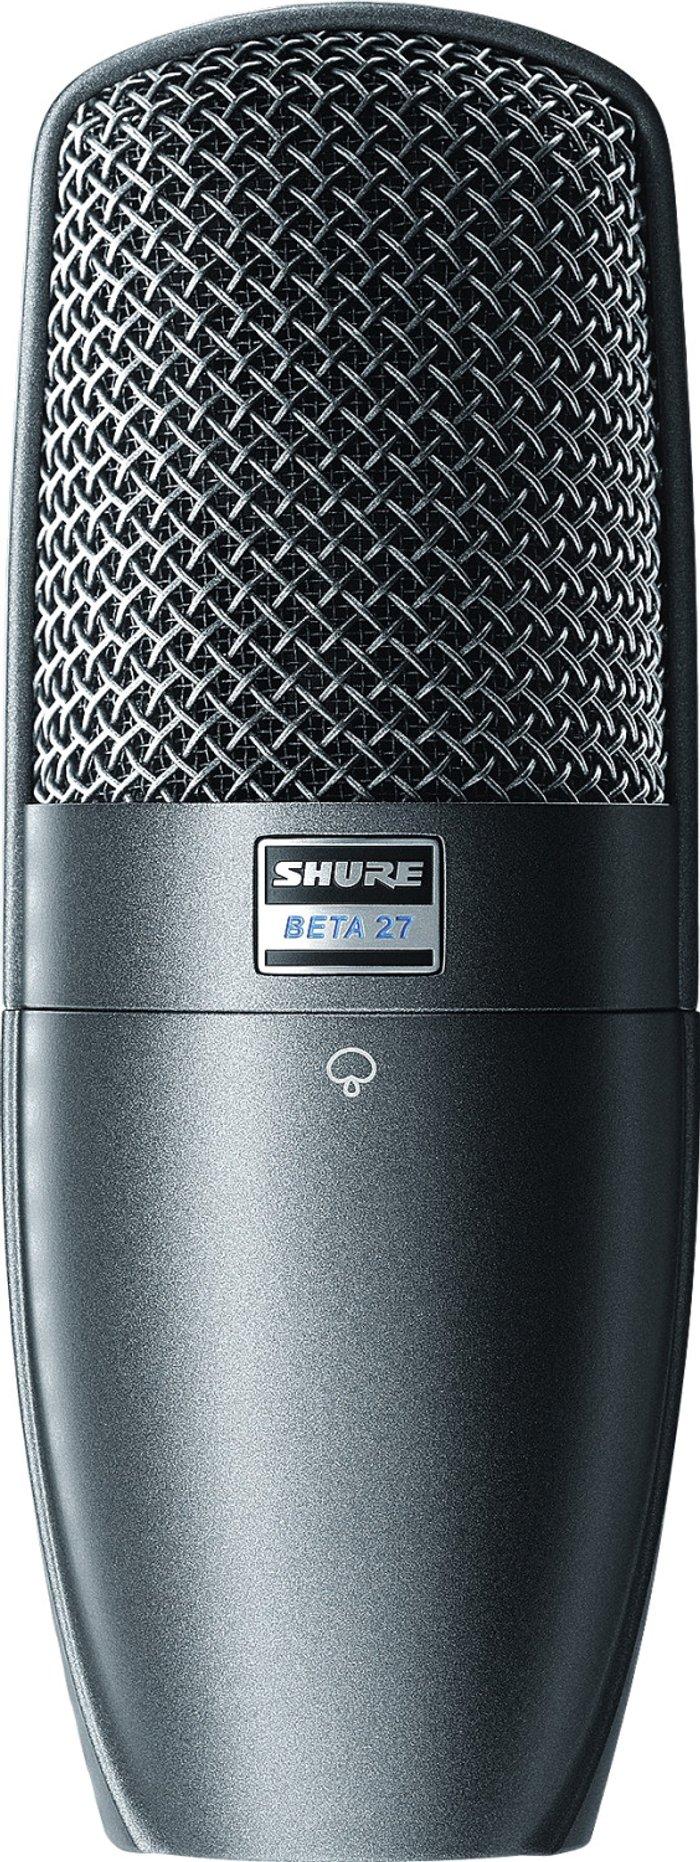 Shure Shure Beta 27